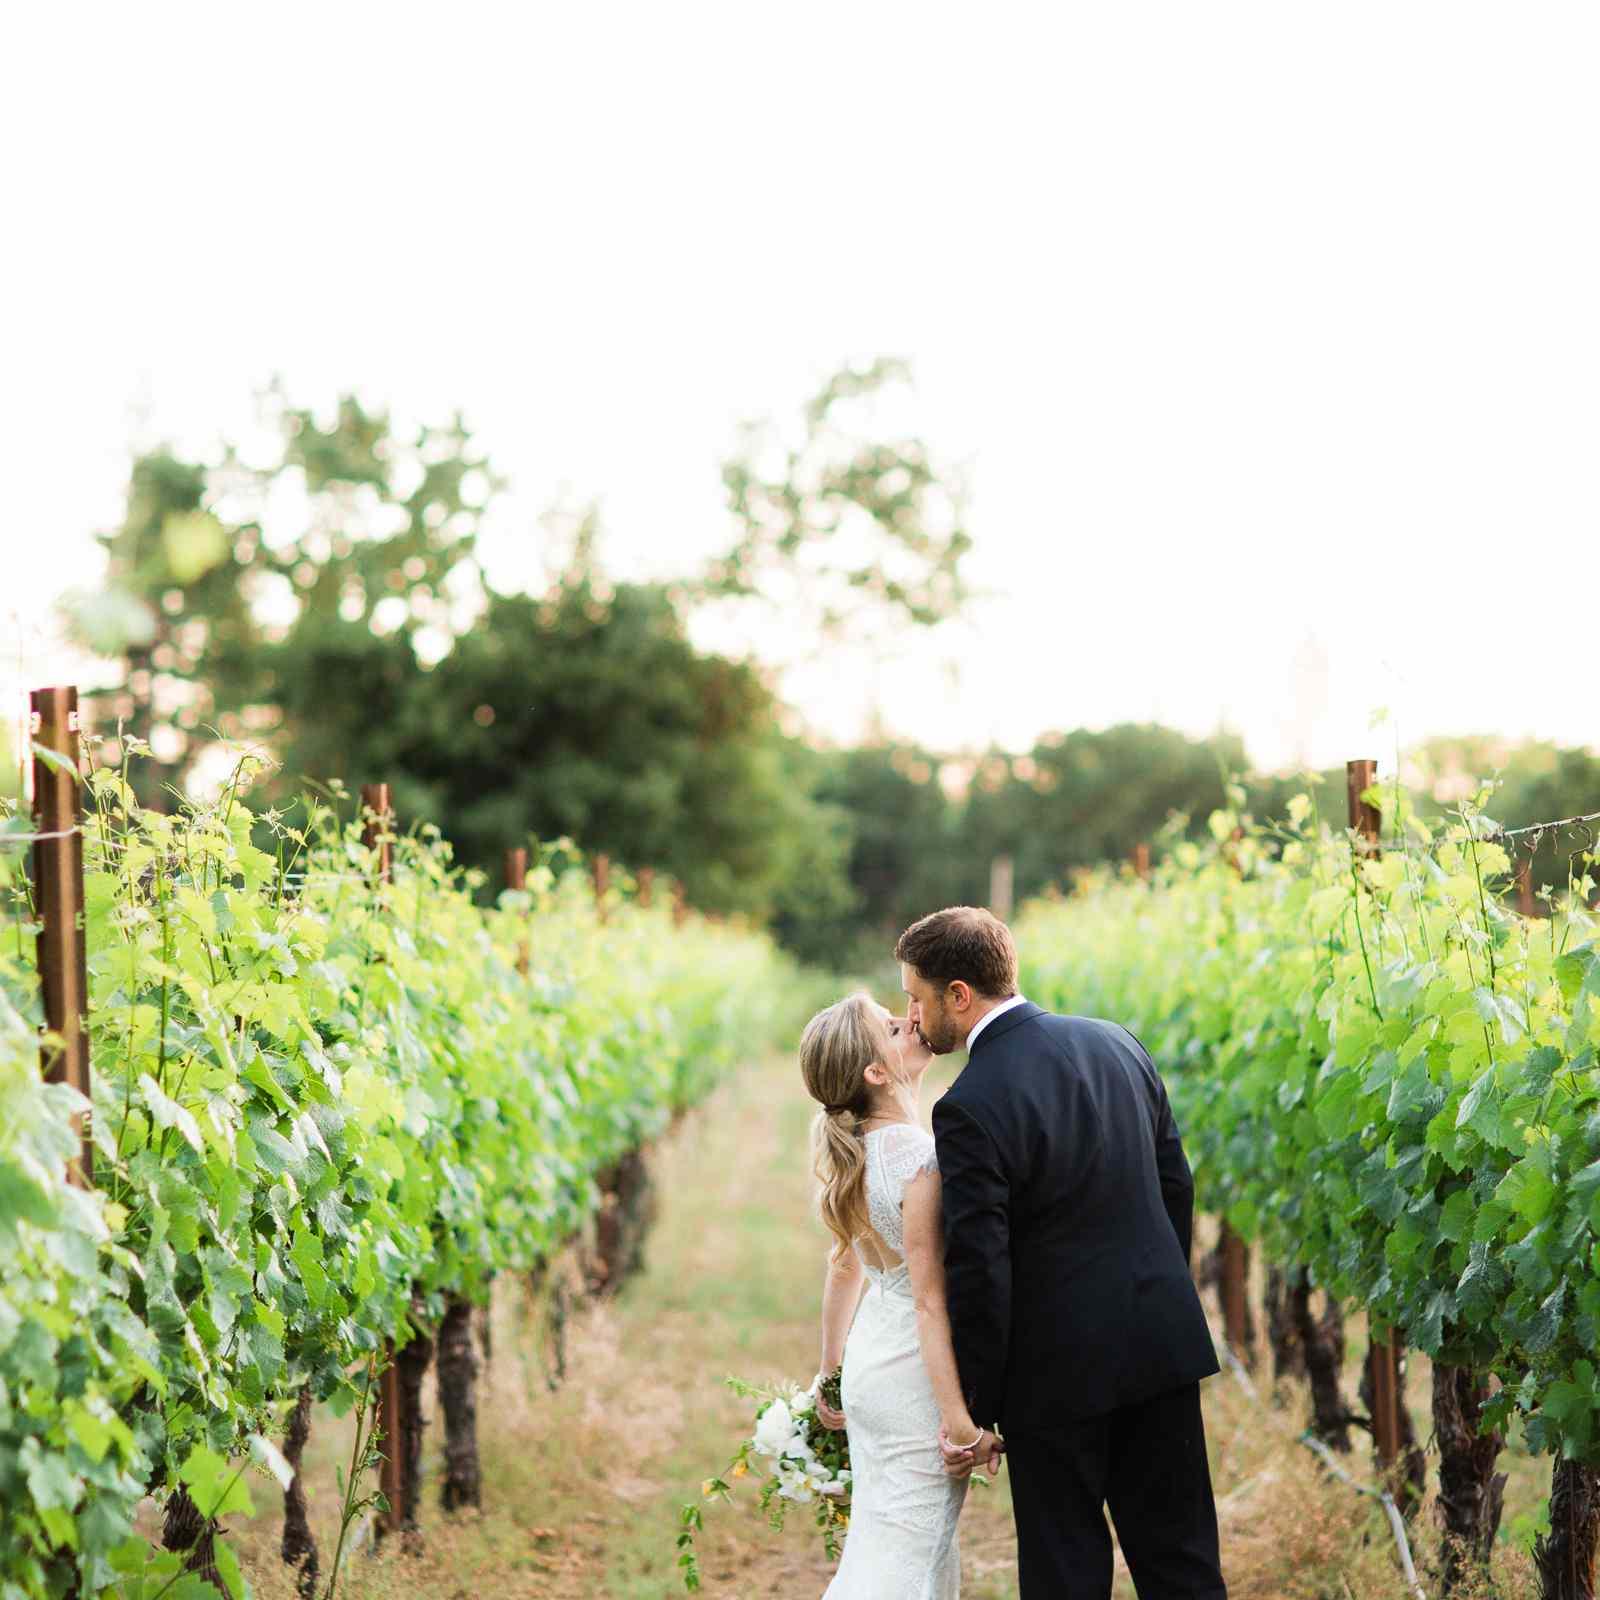 A couple kissing at a vineyard